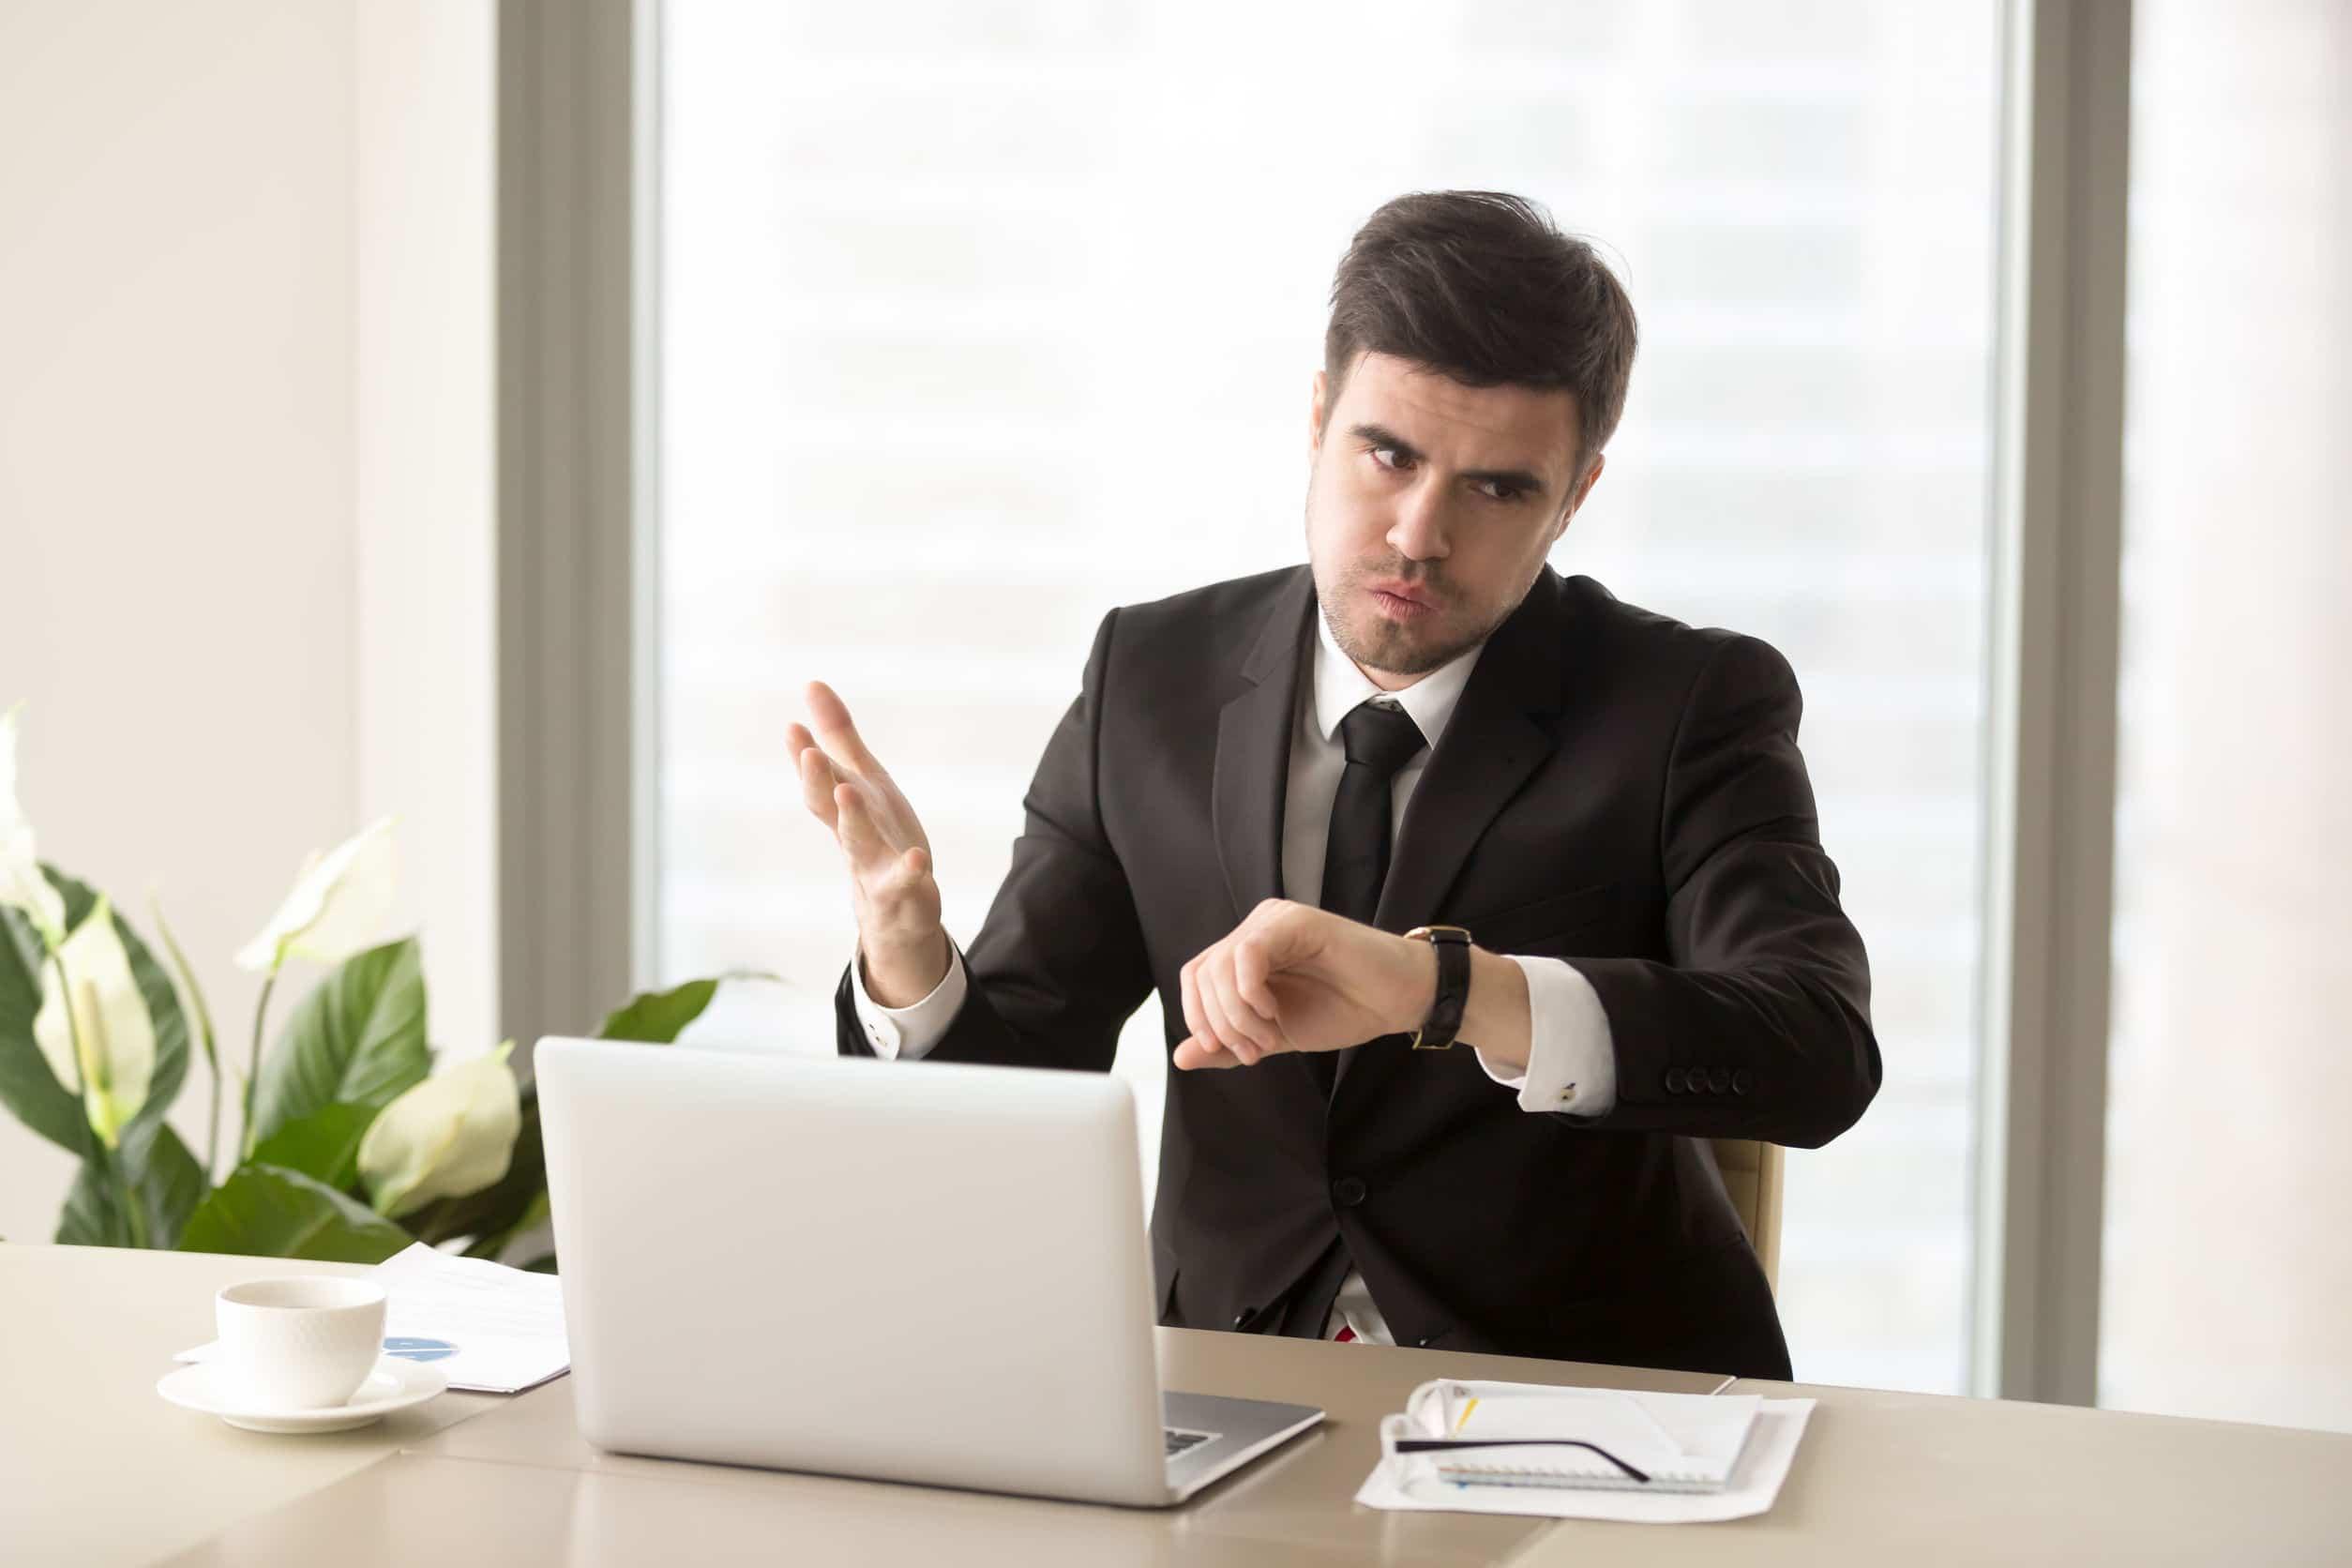 Empresário correndo contra o tempo. Olha para o relógio e faz cara de estressado. Computador na frente dele, muitos papéis na mesa.